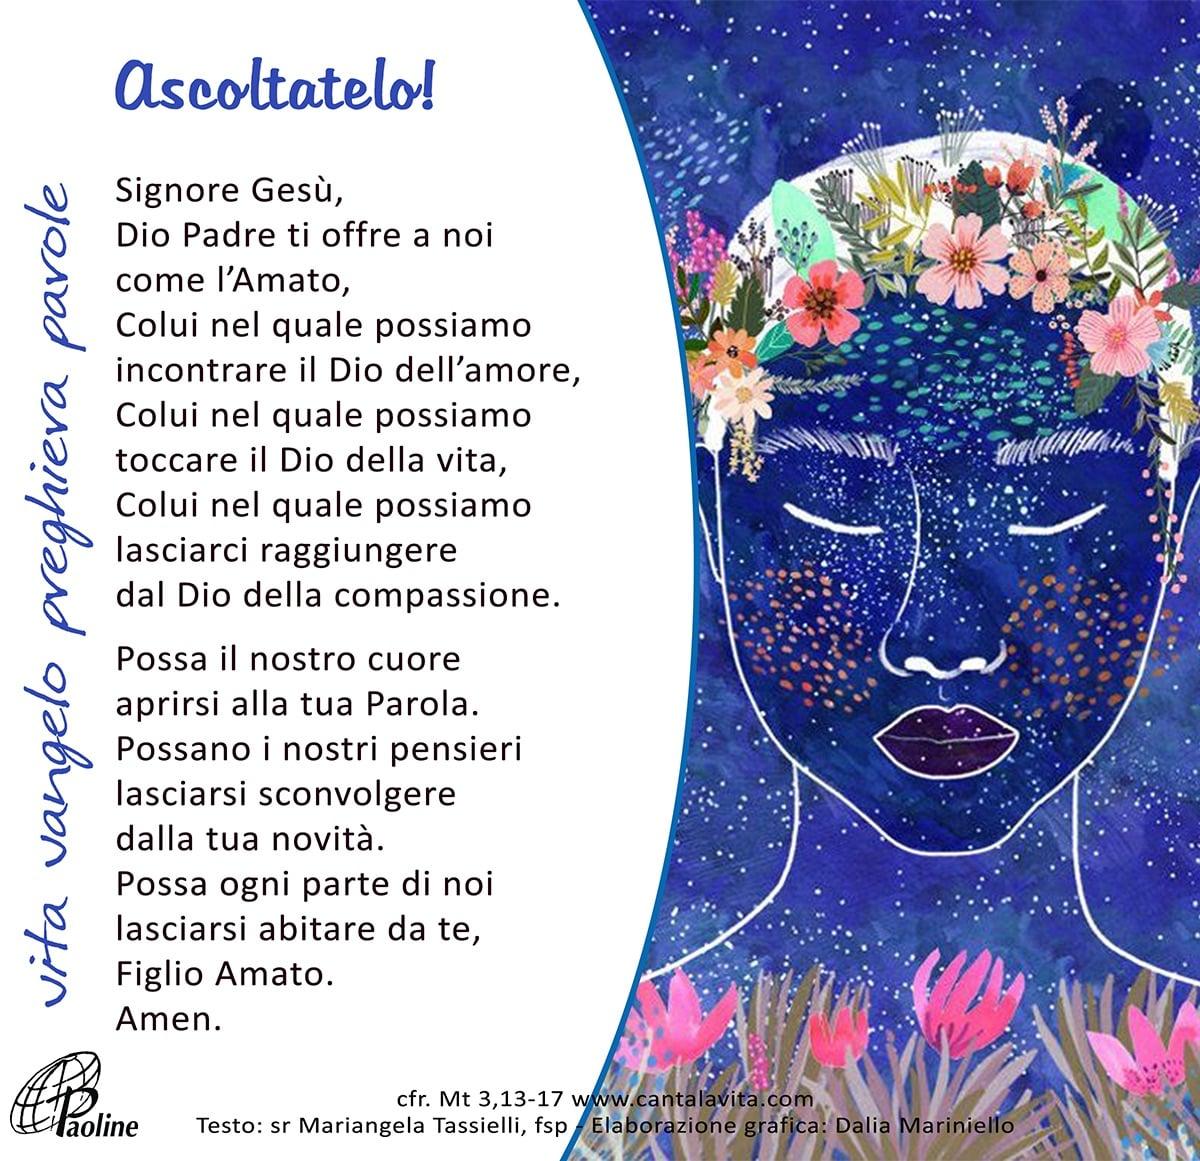 Commento al Vangelo di domenica 12 Gennaio 2020 per bambini/ragazzi – Sr. Mariangela Tassielli